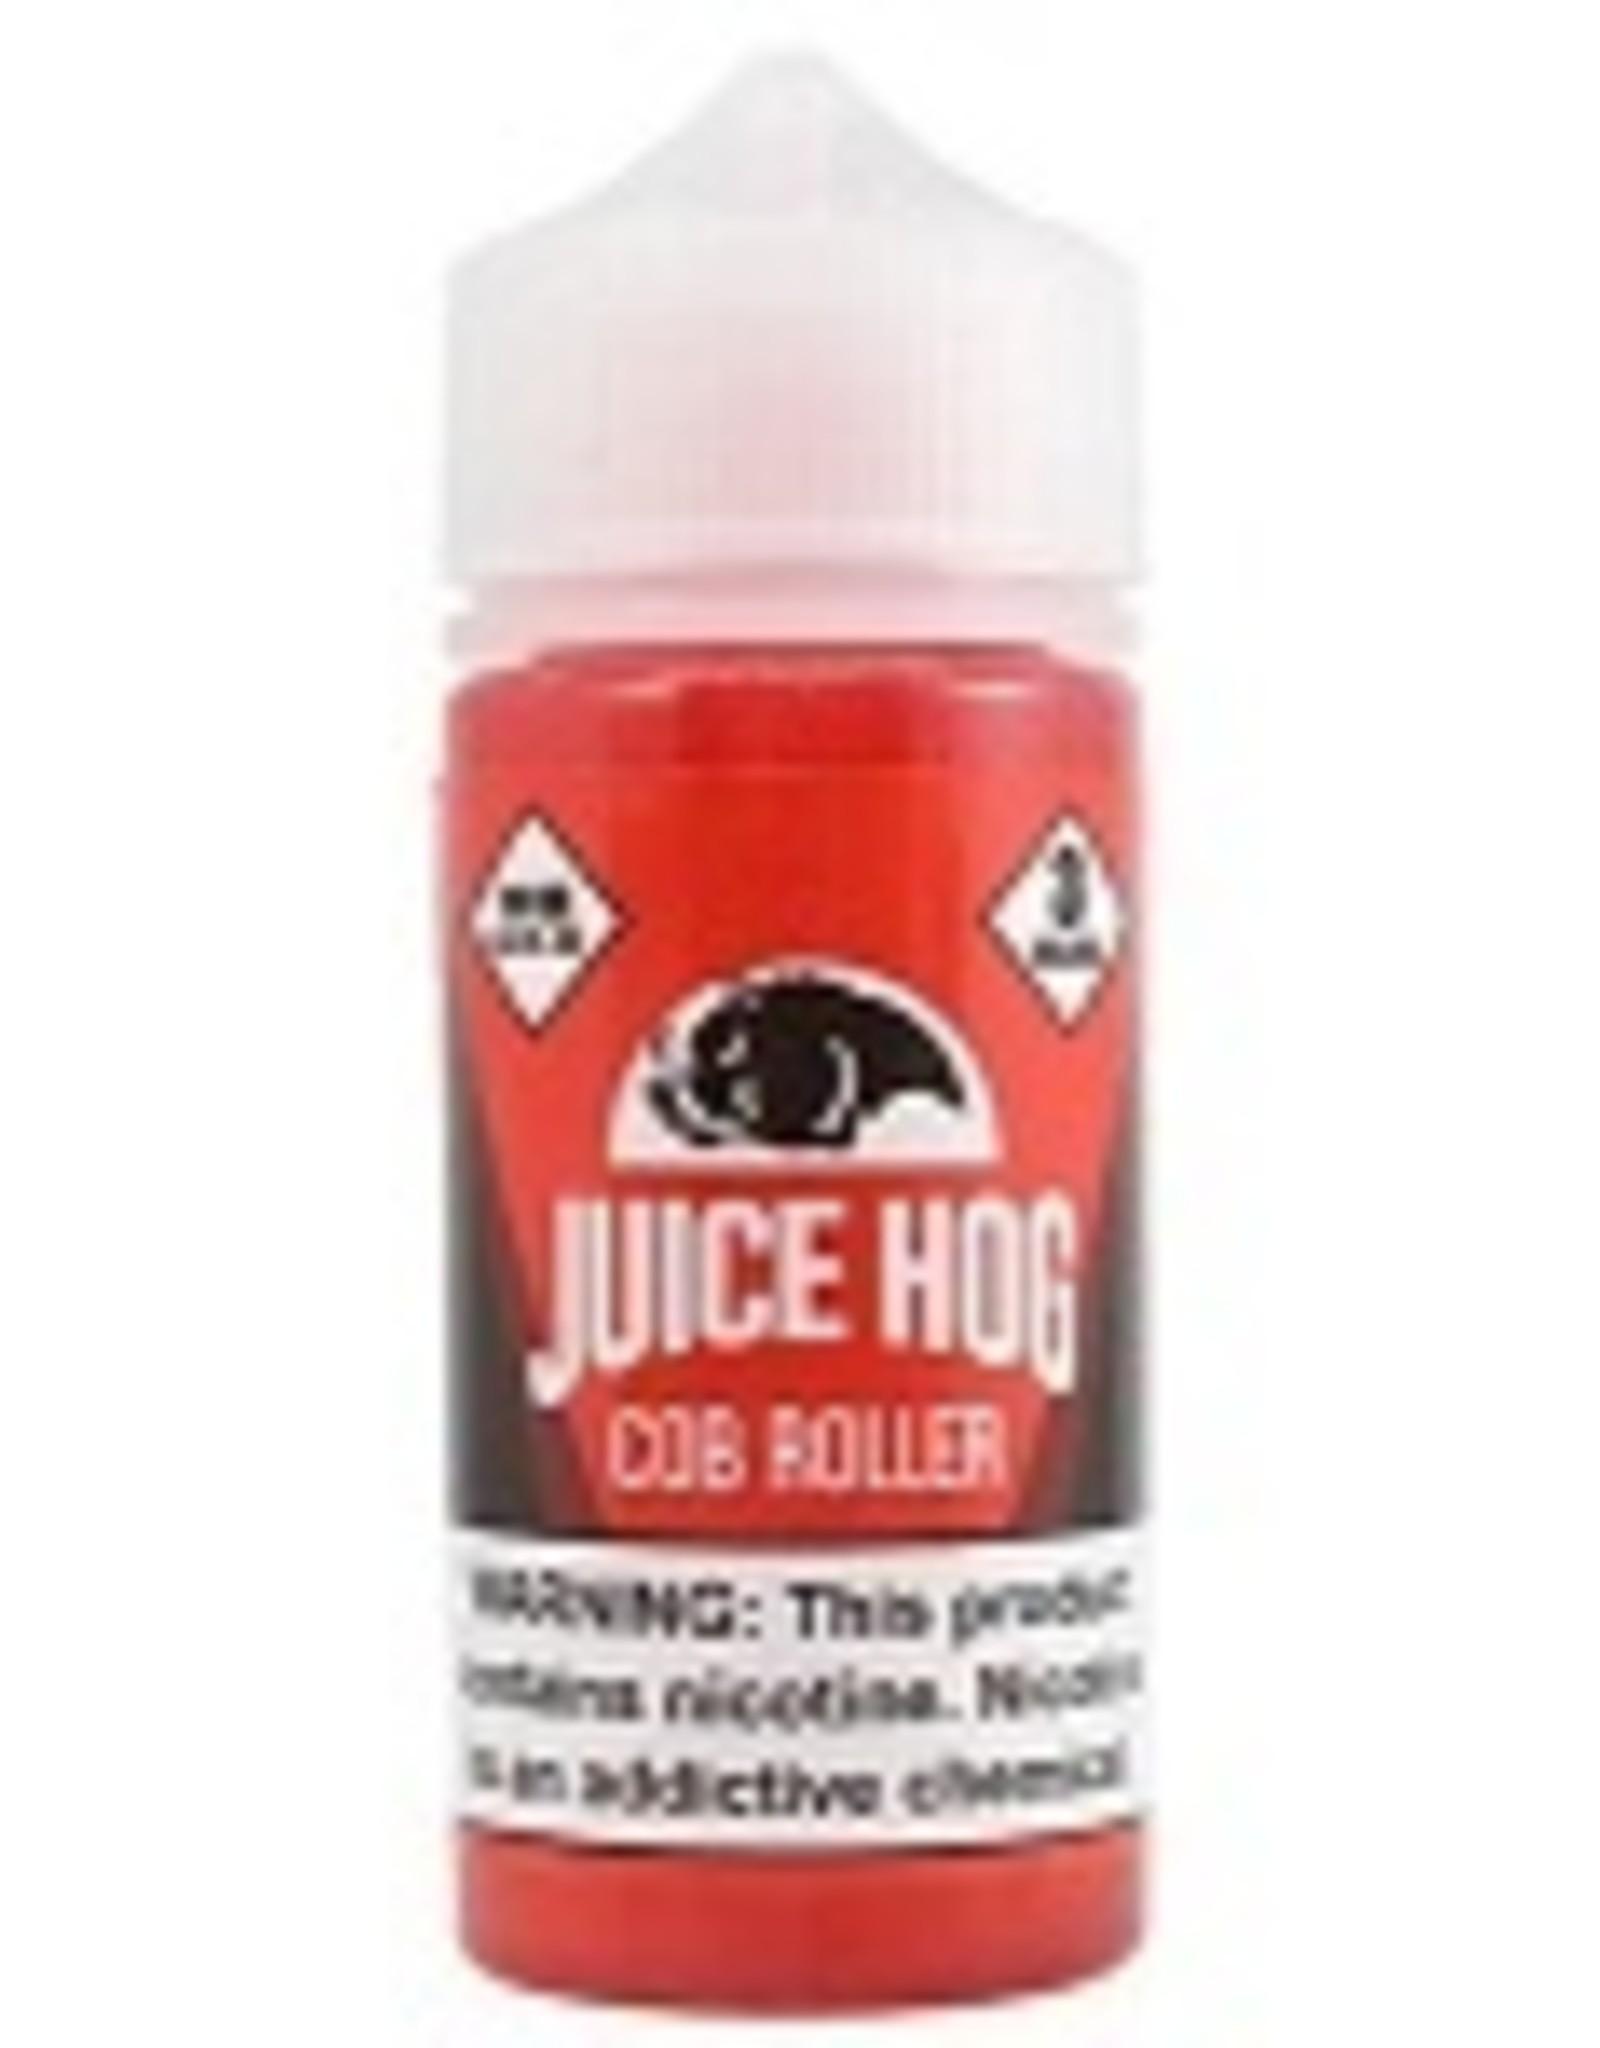 Juice Hog Cob Roller By Juice Hog